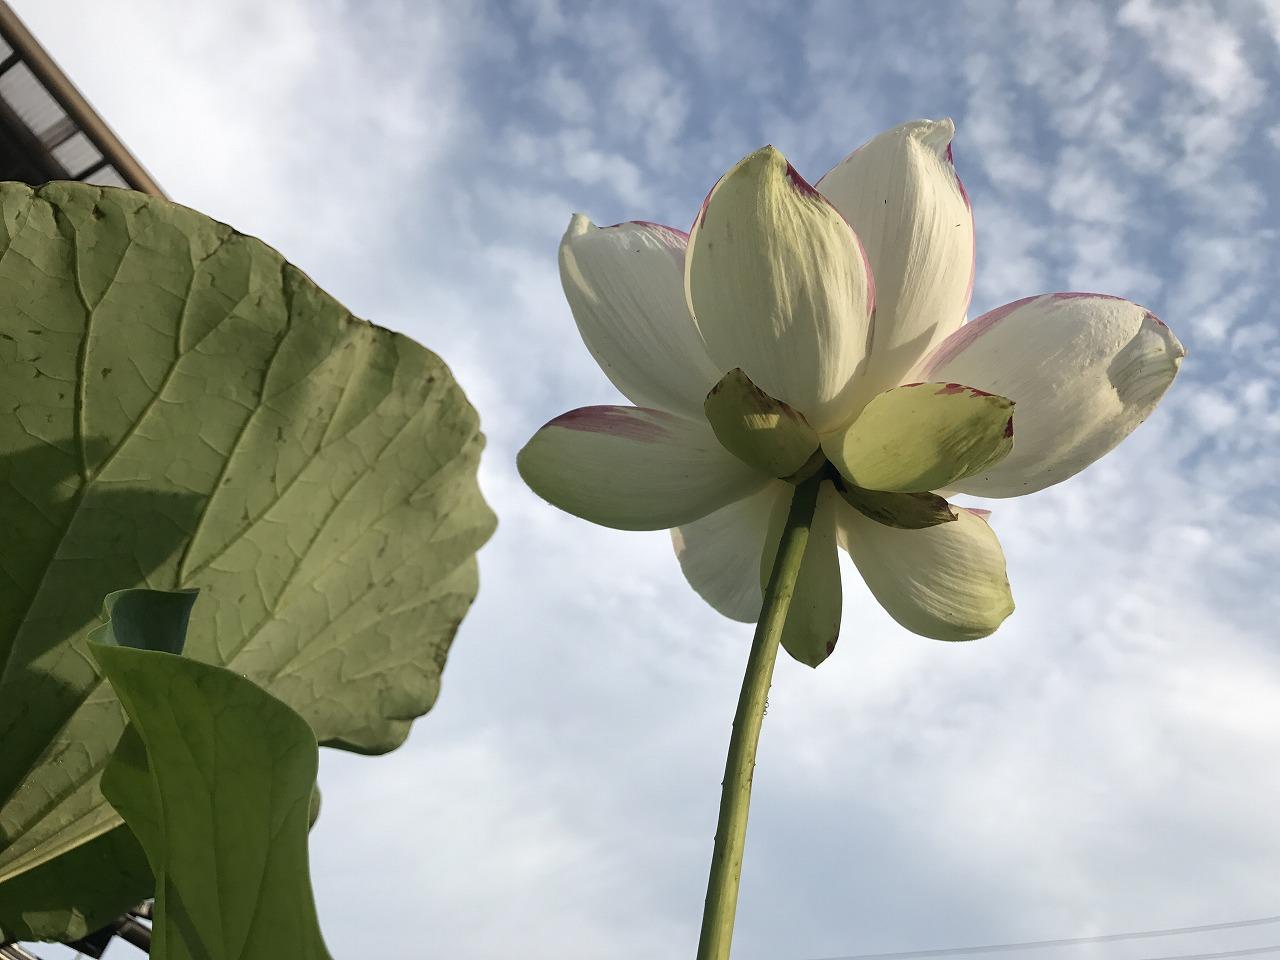 20170714-Lotus_Tenjikumadarabasu-I04.jpg